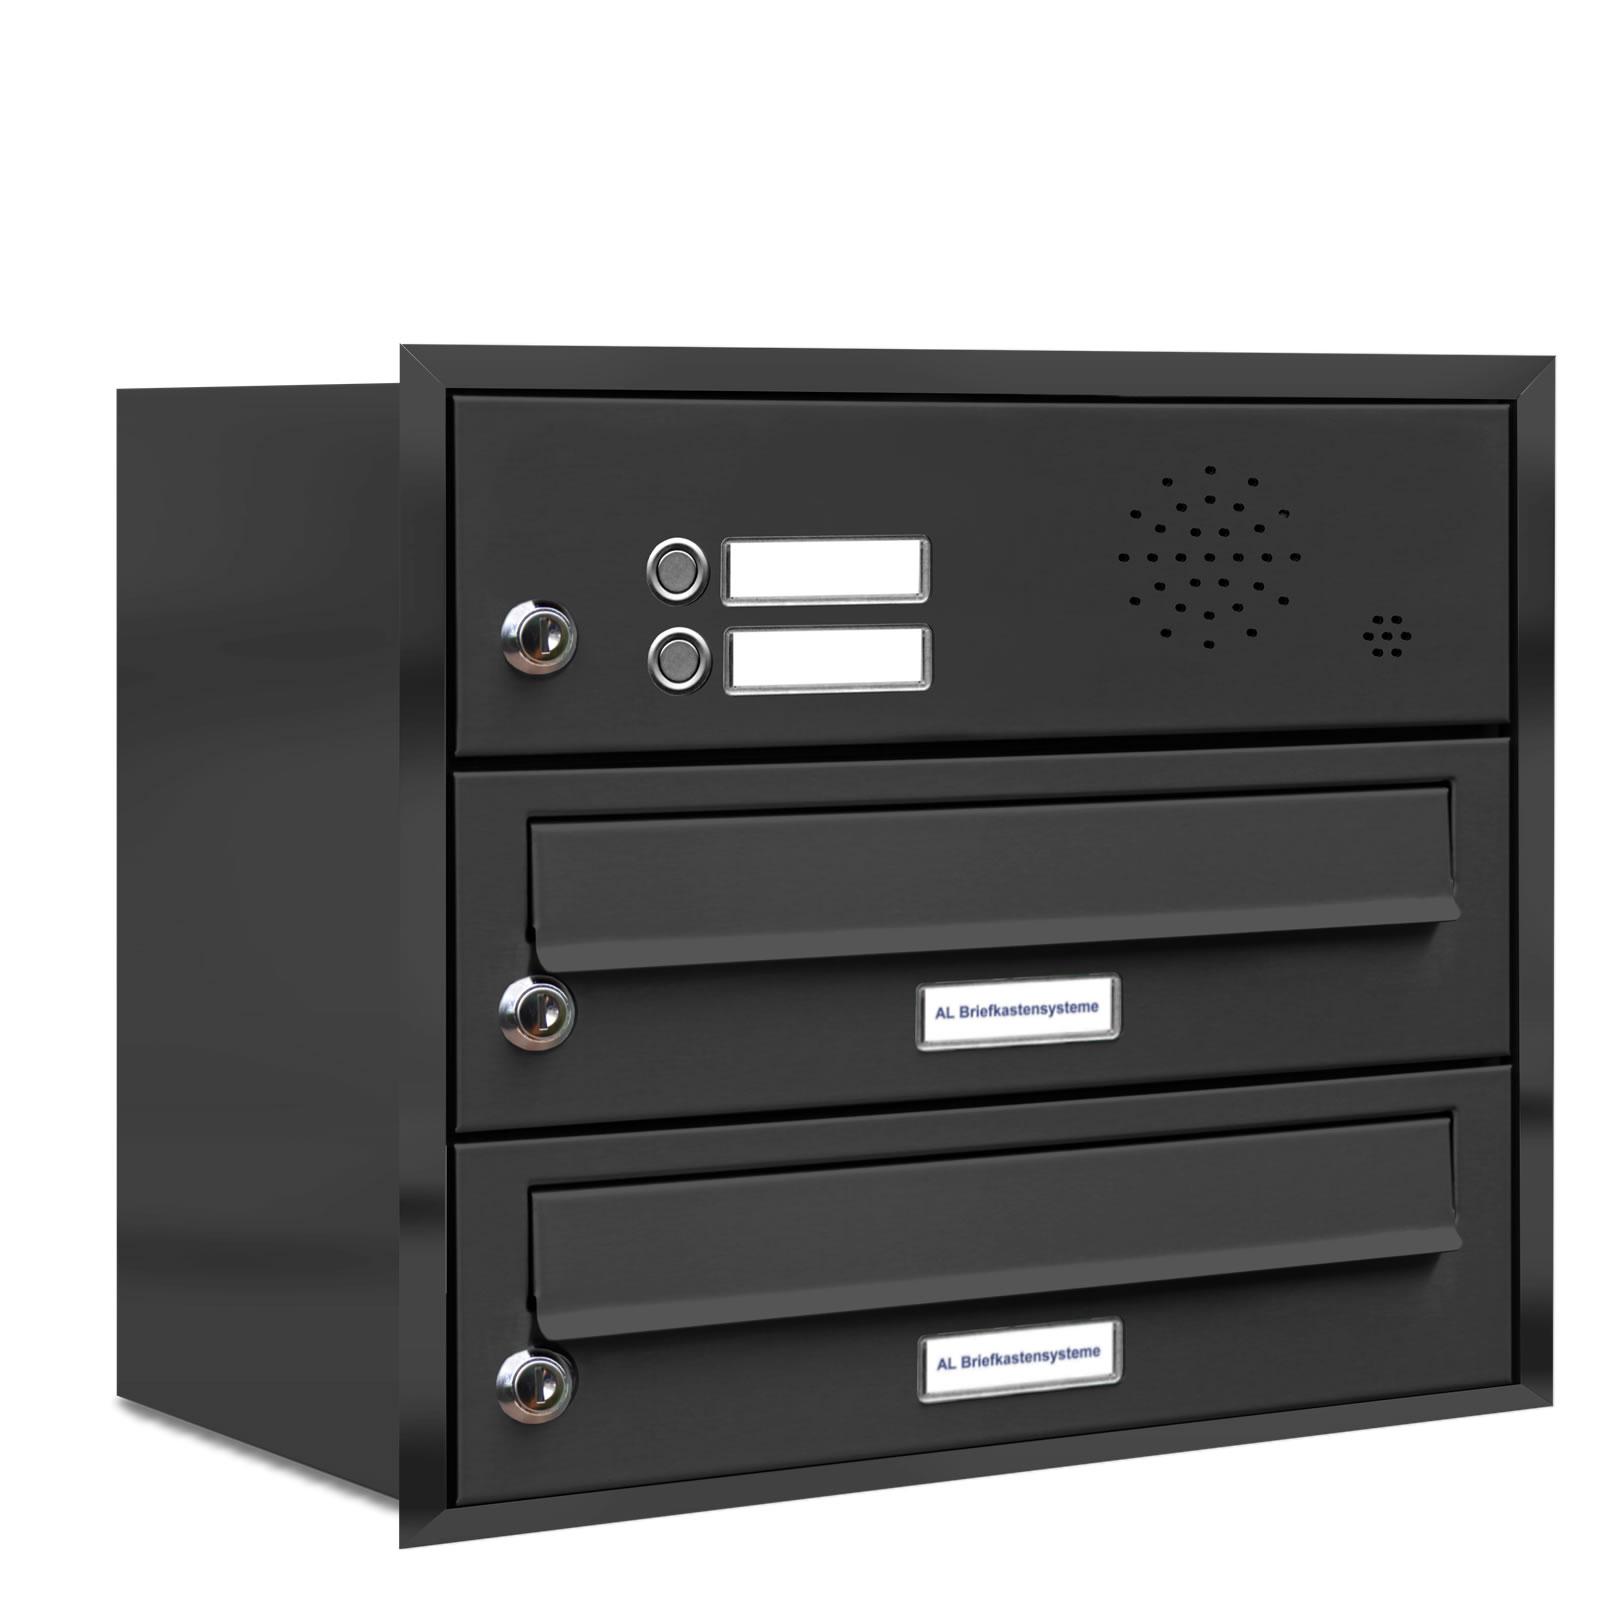 2er briefkasten anlage unterputz montage ral 7016. Black Bedroom Furniture Sets. Home Design Ideas